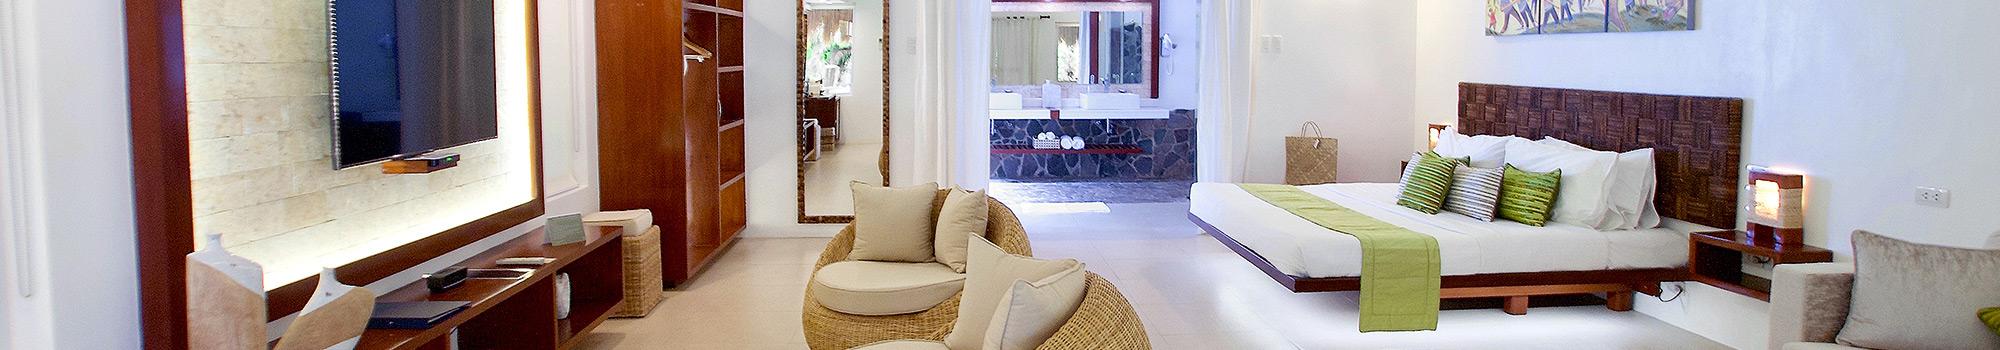 Atmosphere Premium Suite Rooms